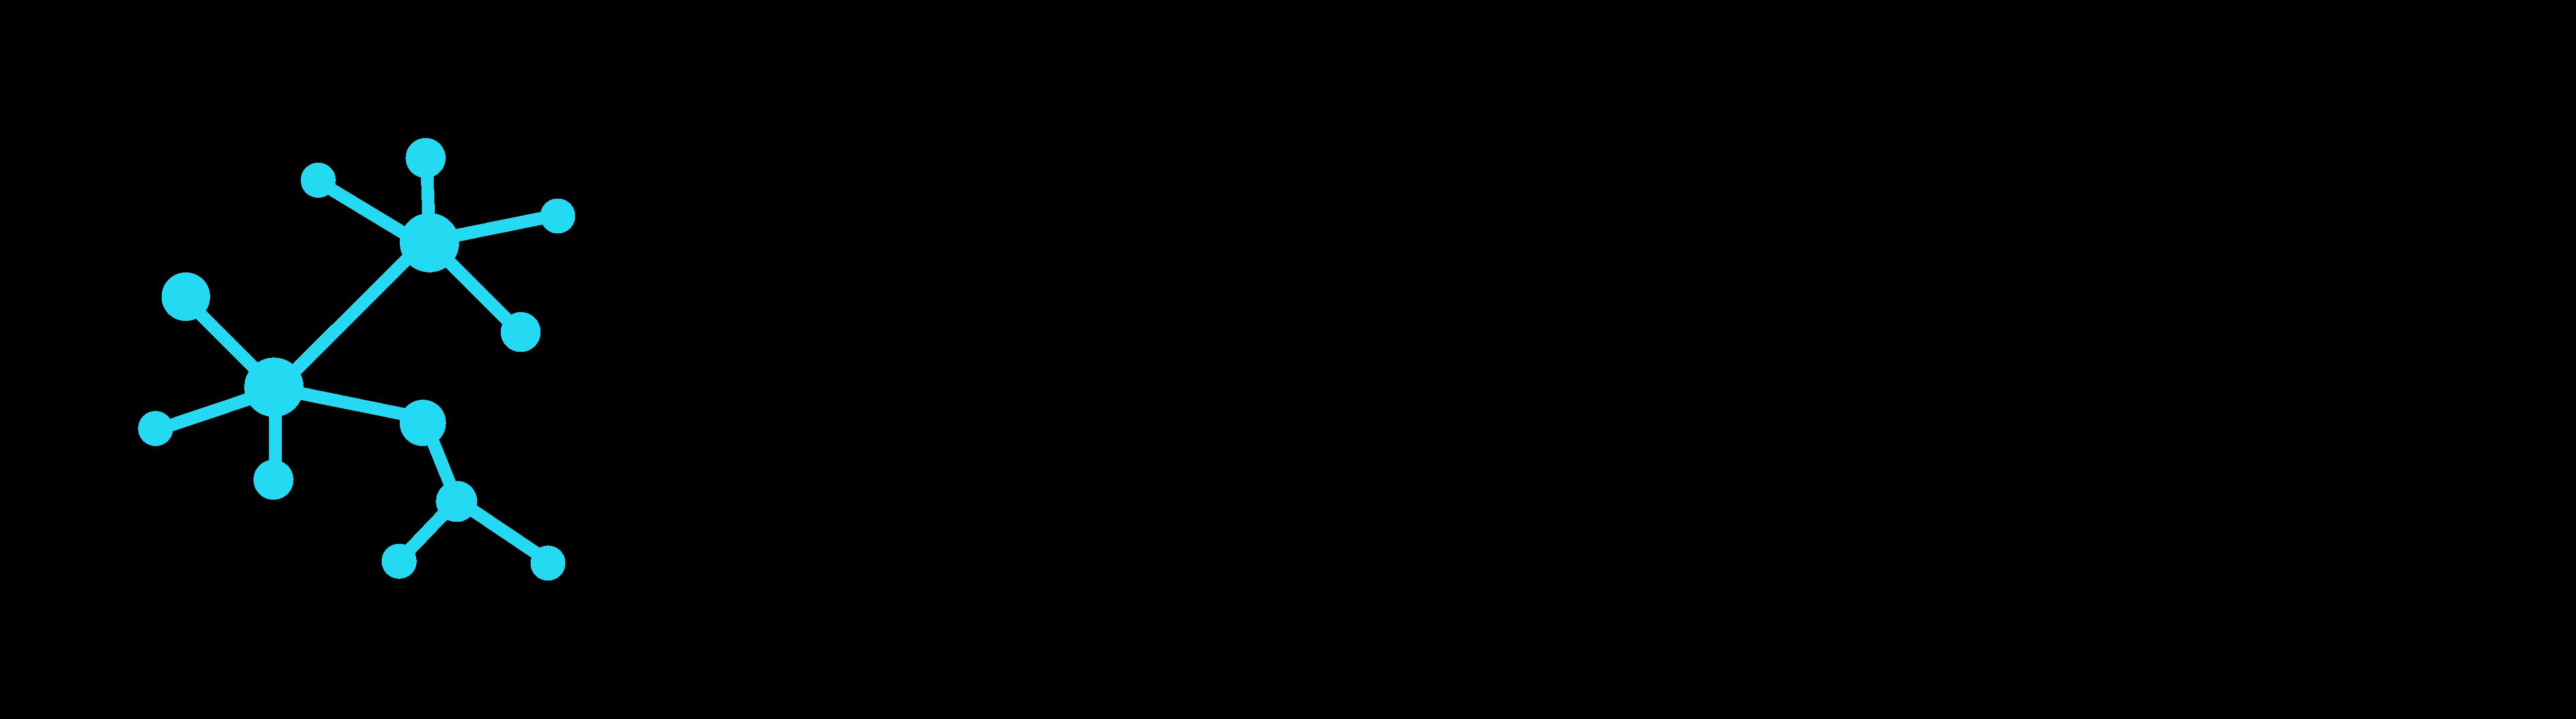 PredictionHealth-logo 5k copy 2